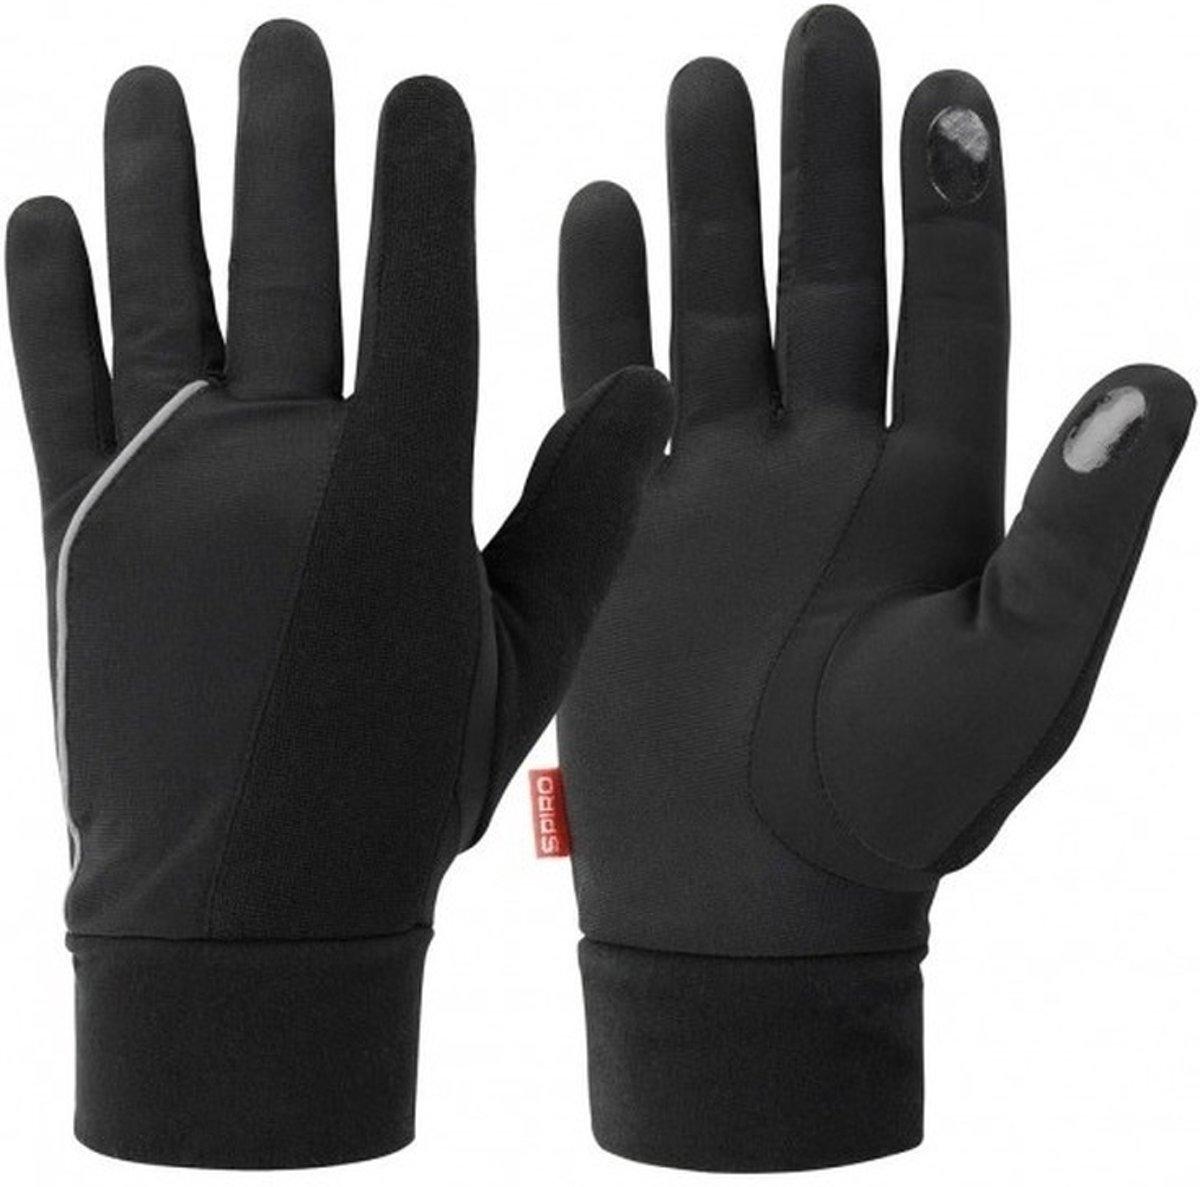 Zwarte hardloop handschoenen voor volwassenen L